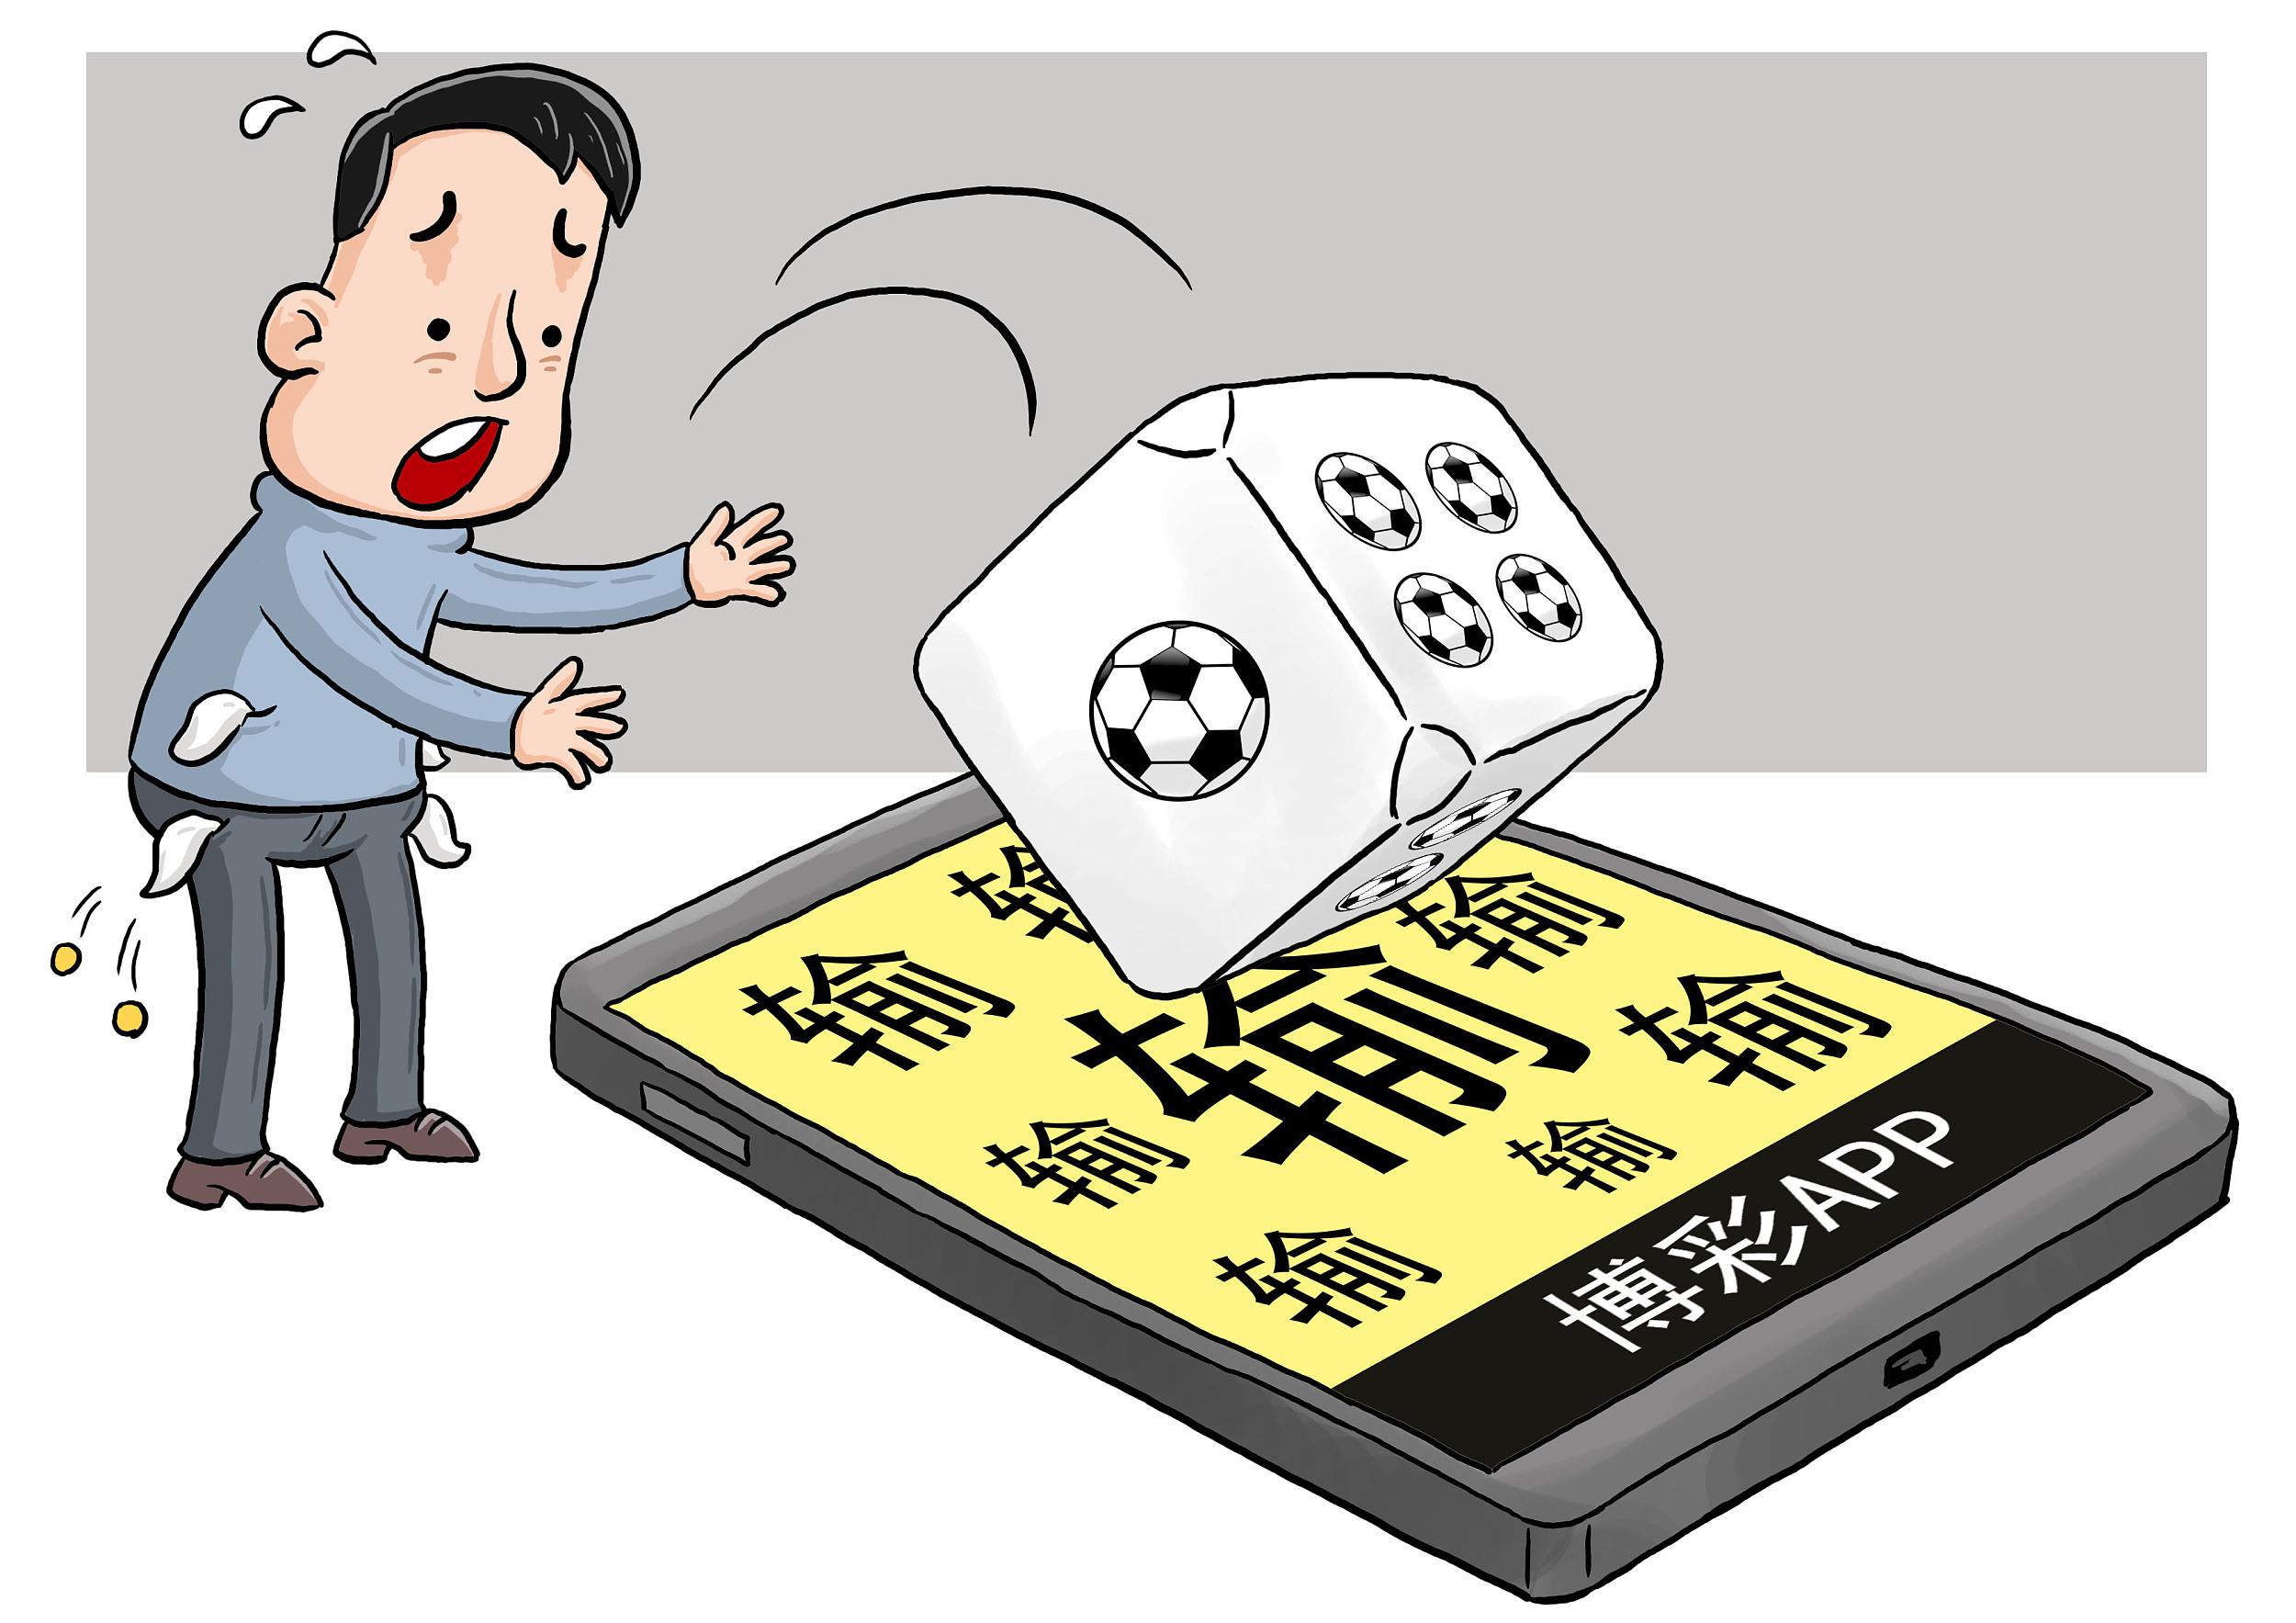 世界杯:赌个球输几百万不在少数